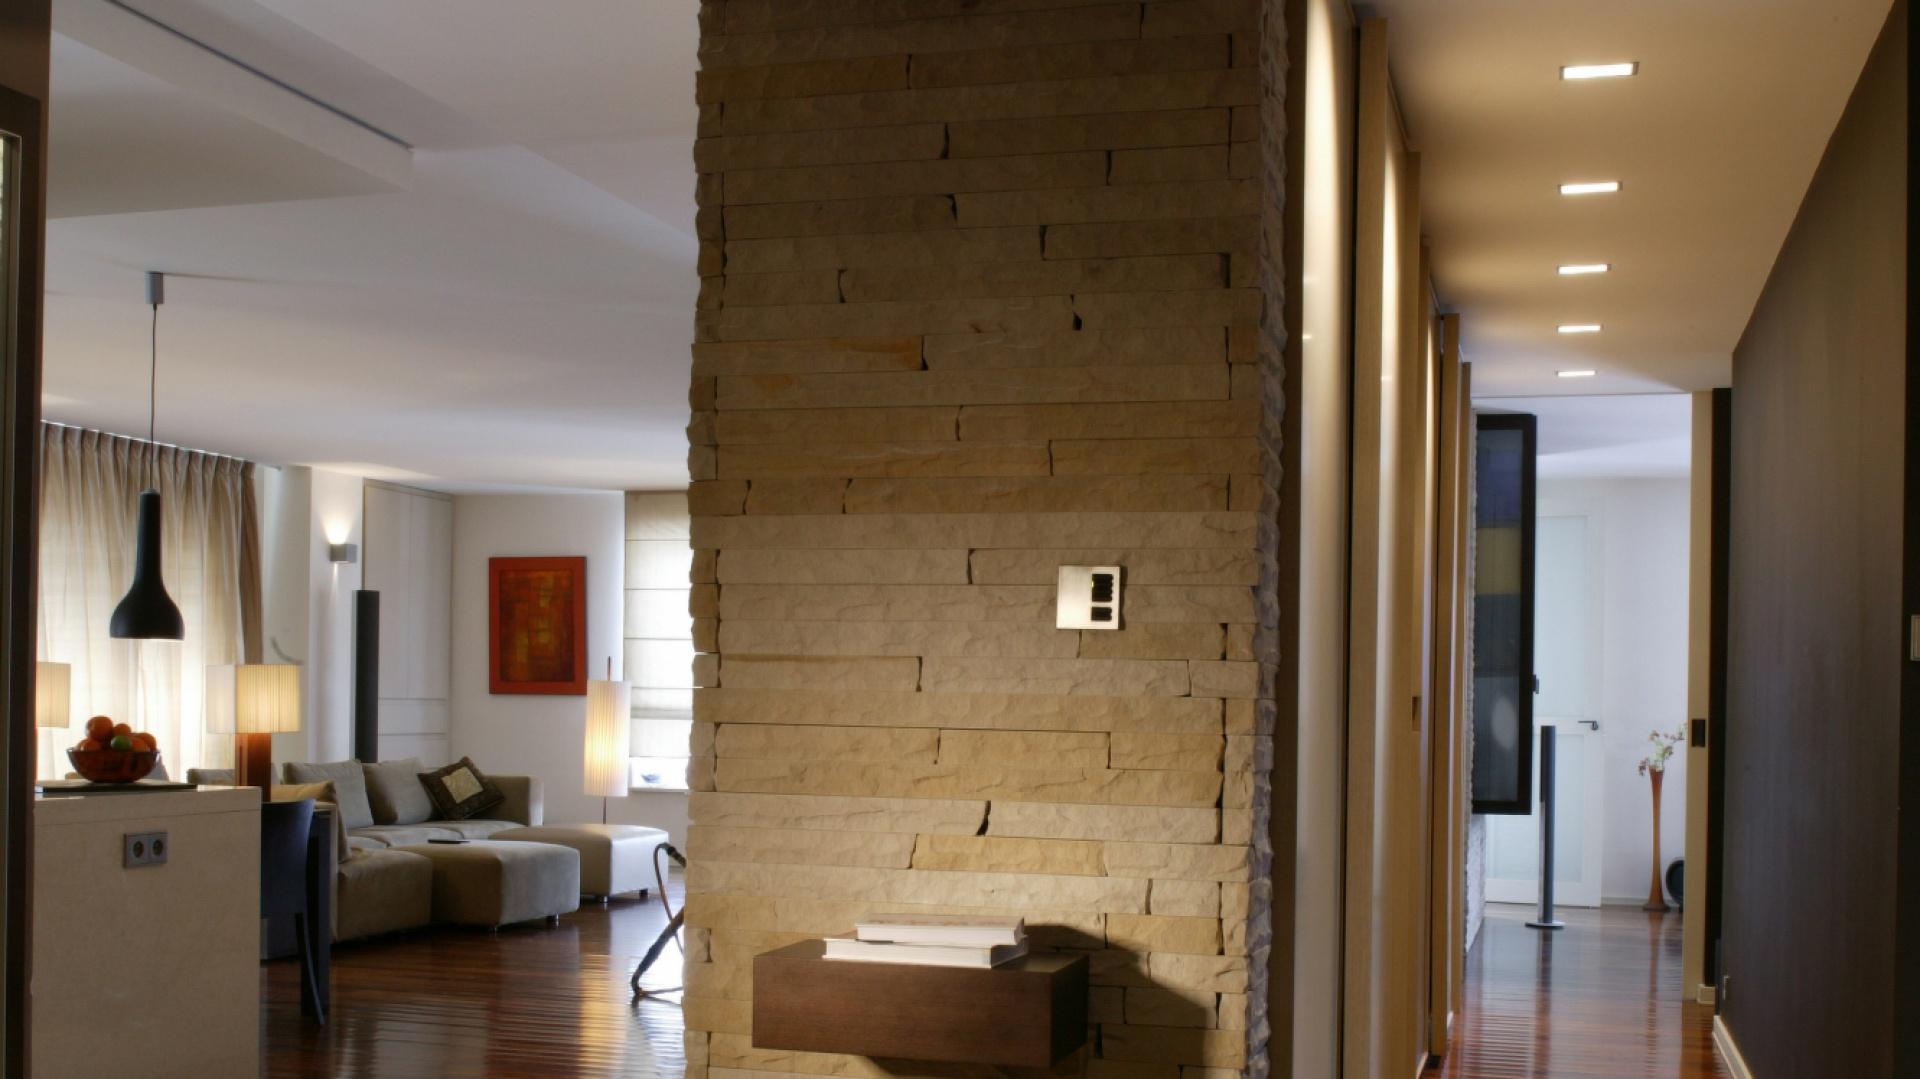 Po lewej stronie widoczny jest salon, po prawej korytarz wiodący do sypialni.  Ściana, oddzielająca obie części, pełni rolę ozdobną i praktyczną jednocześnie. Fot. Tomek Markowski.